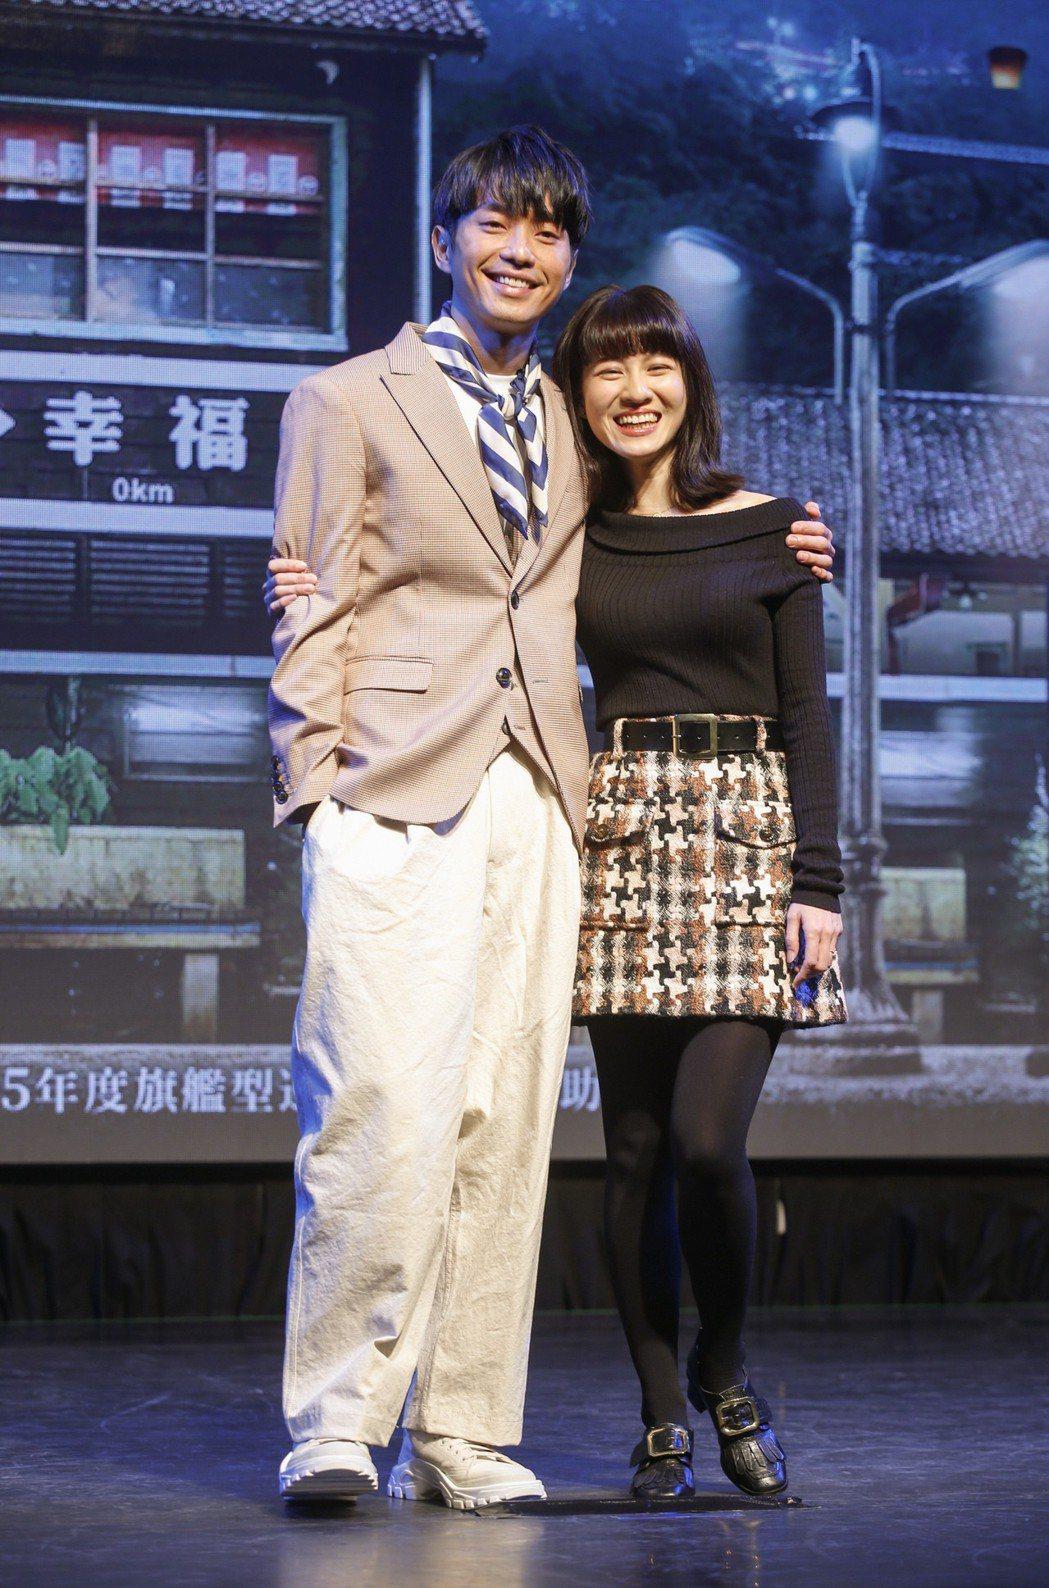 三立新電視劇「一千個晚安」在台北三創生活園區舉行特映會,主角張棟樑 (左)與連俞...